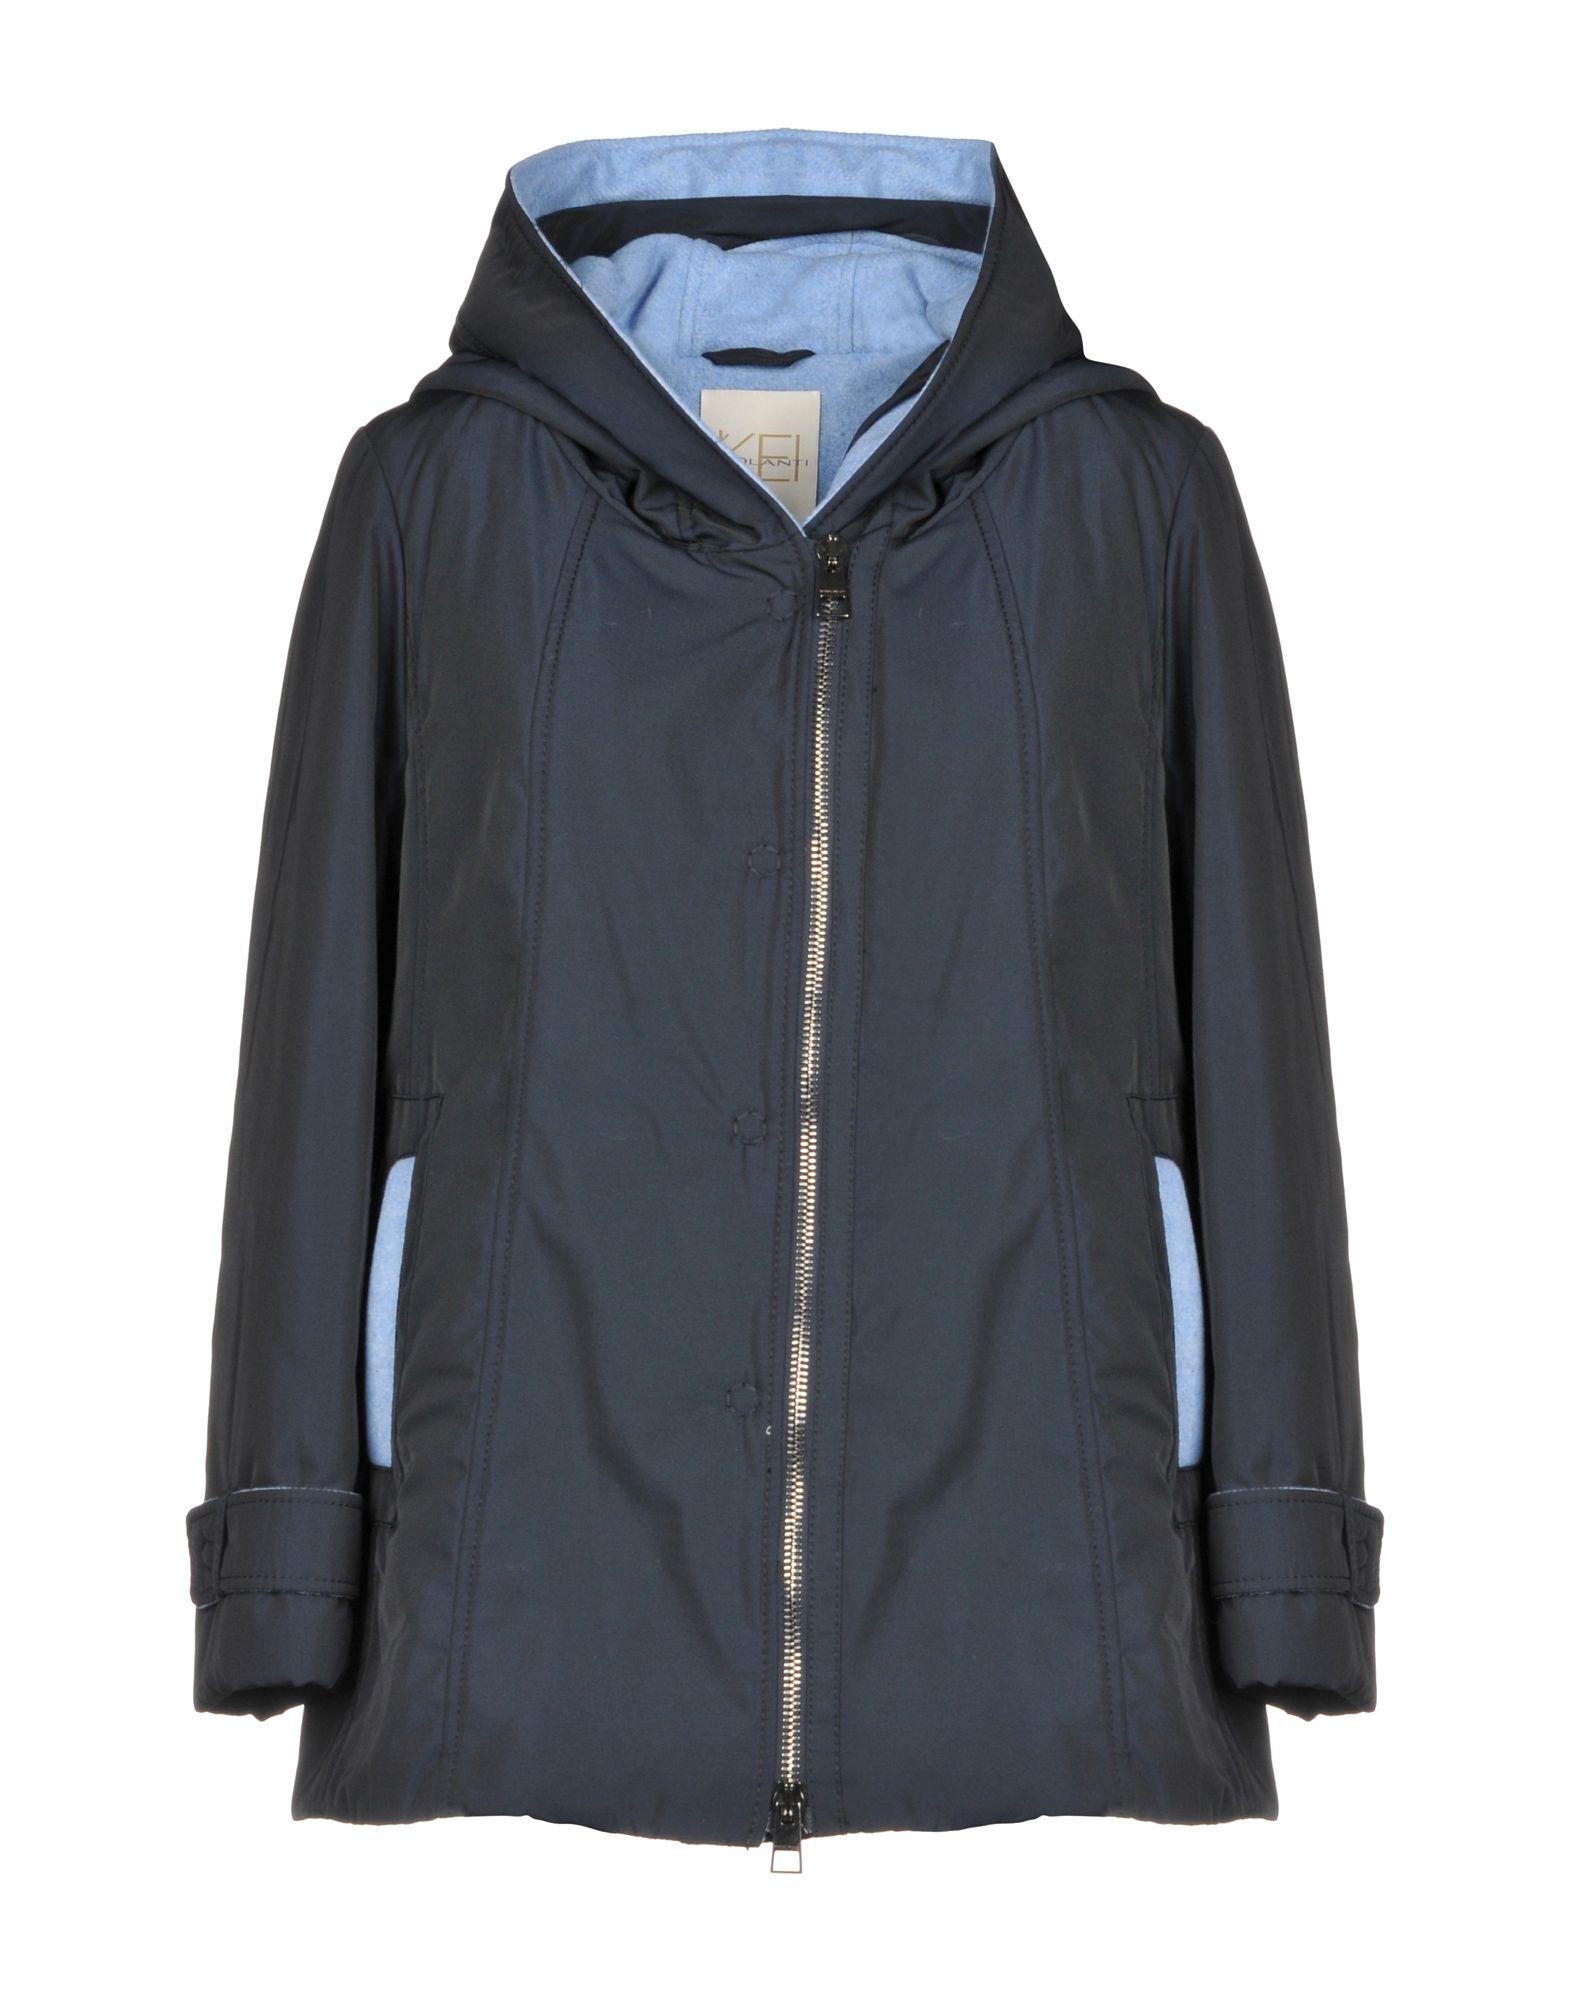 VIOLANTI Jacket in Dark Blue